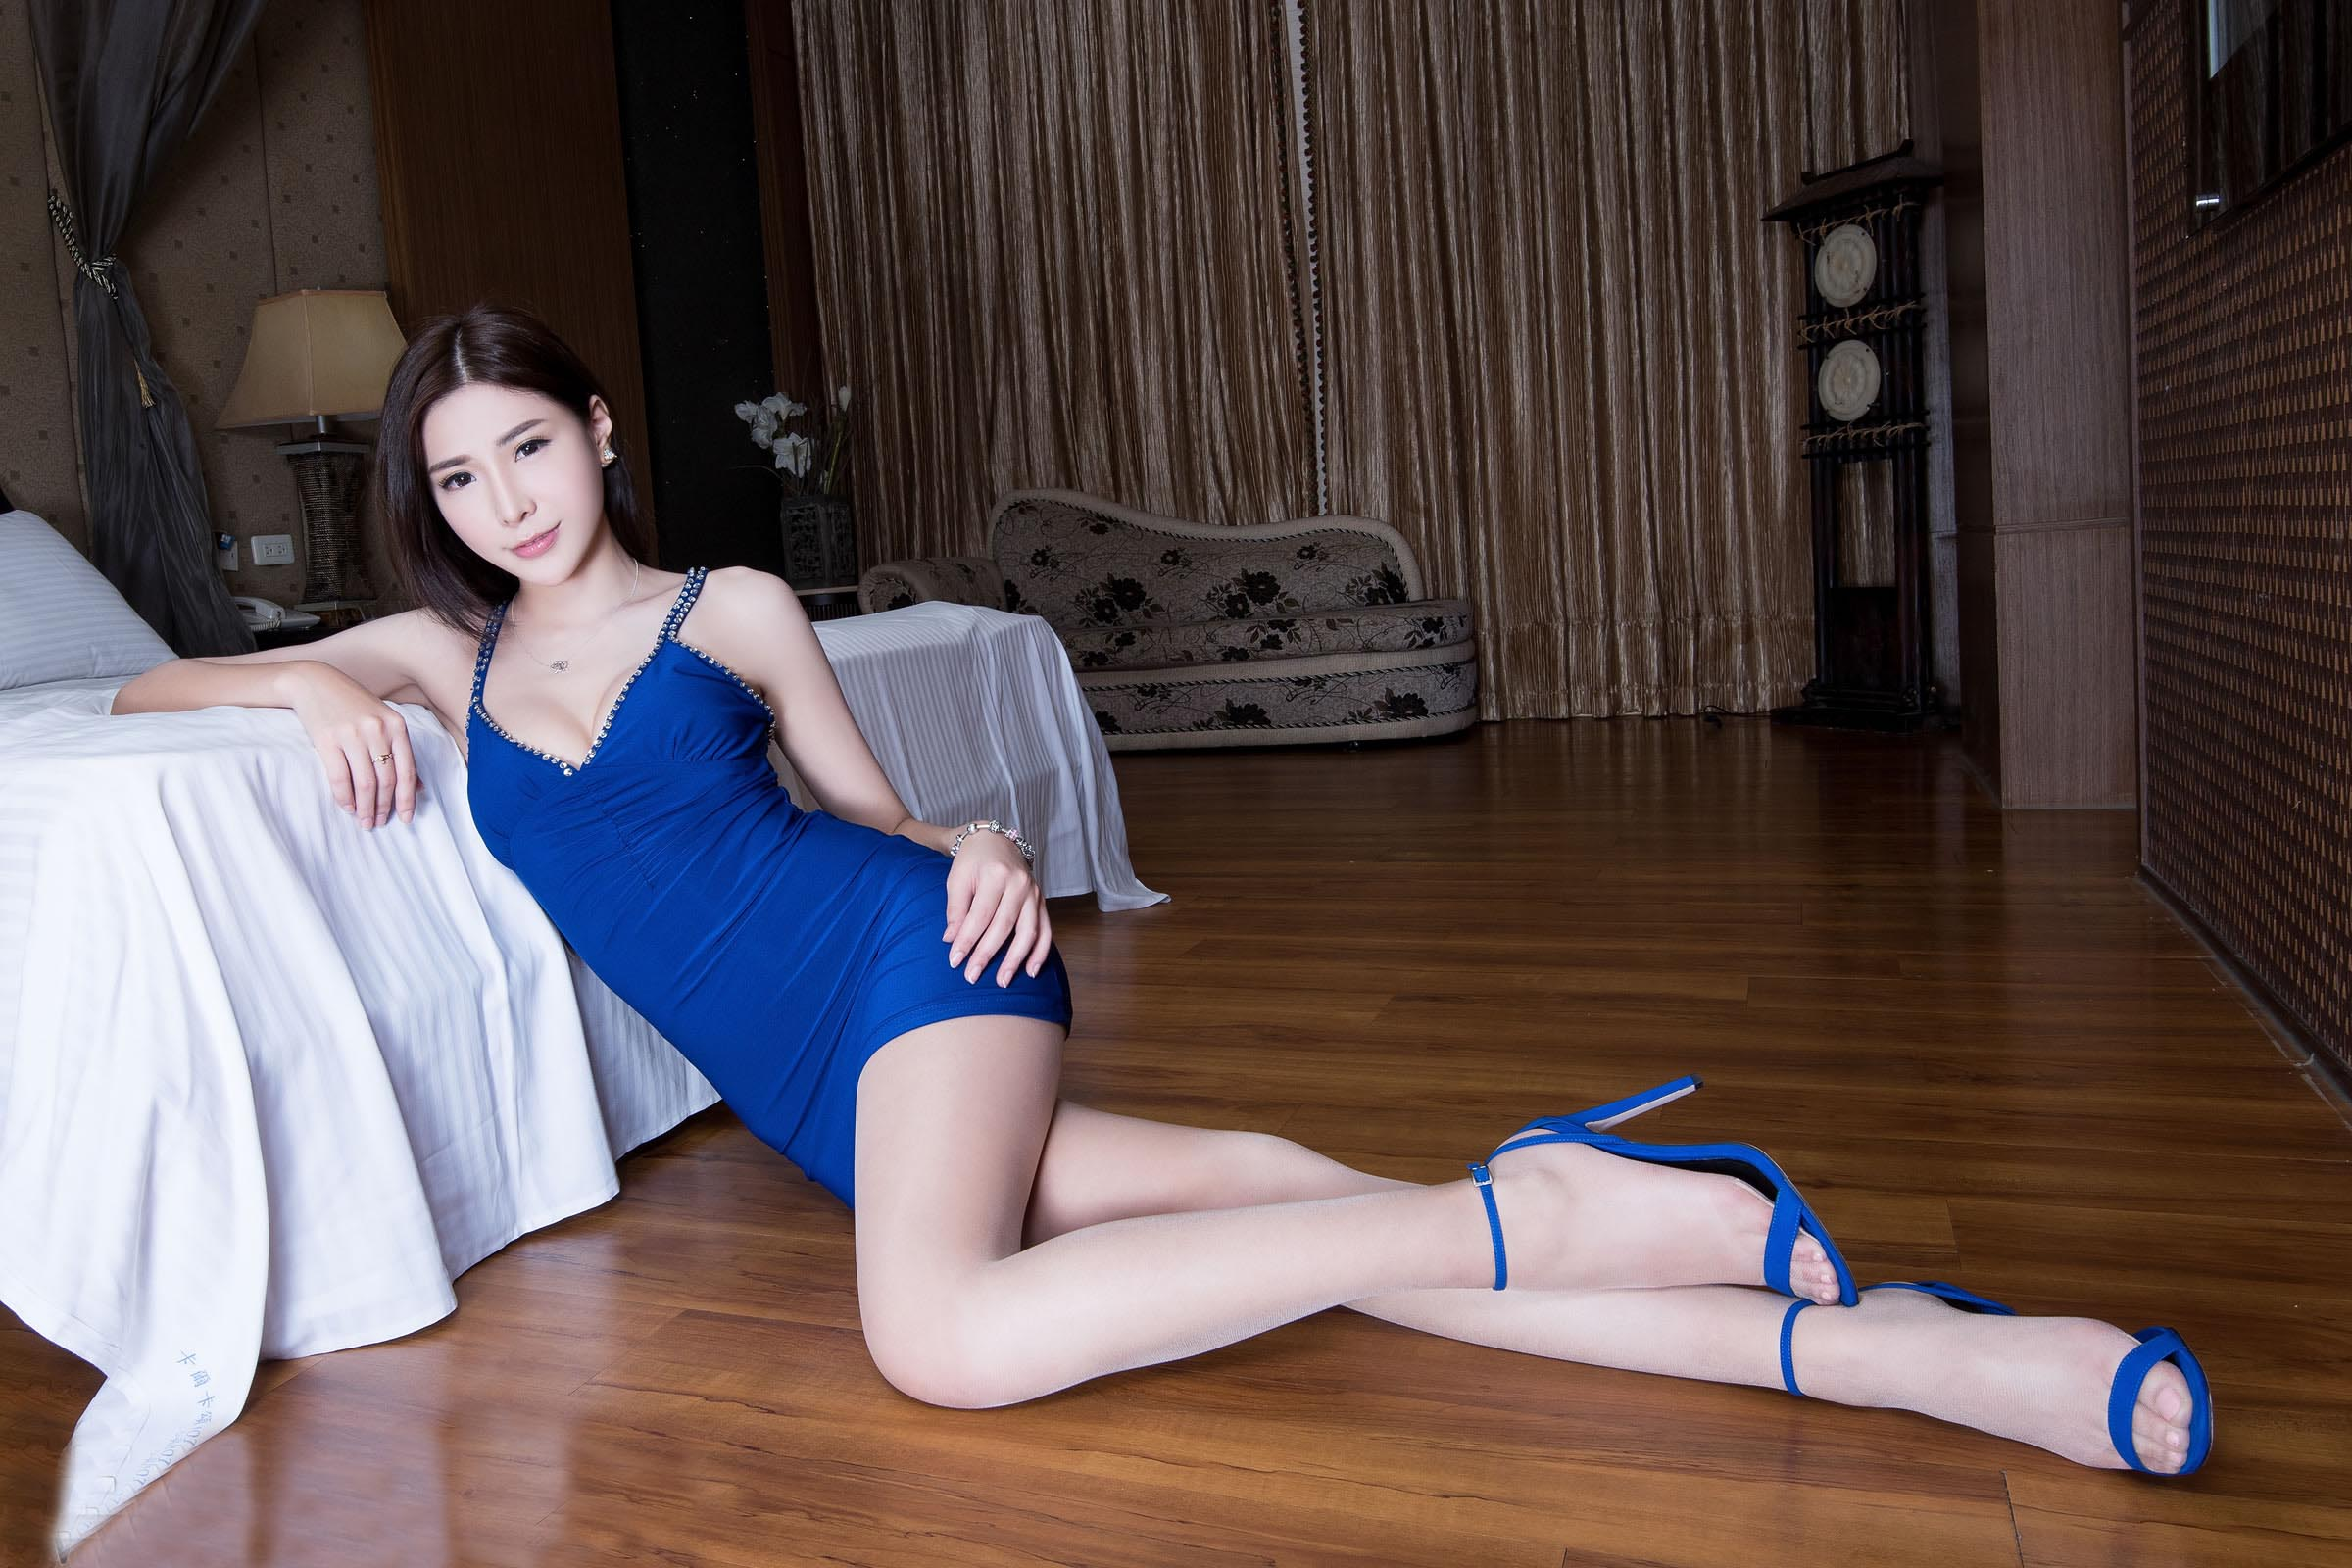 丽人腿模  丝袜高跟 - 花開有聲 - 花開有聲